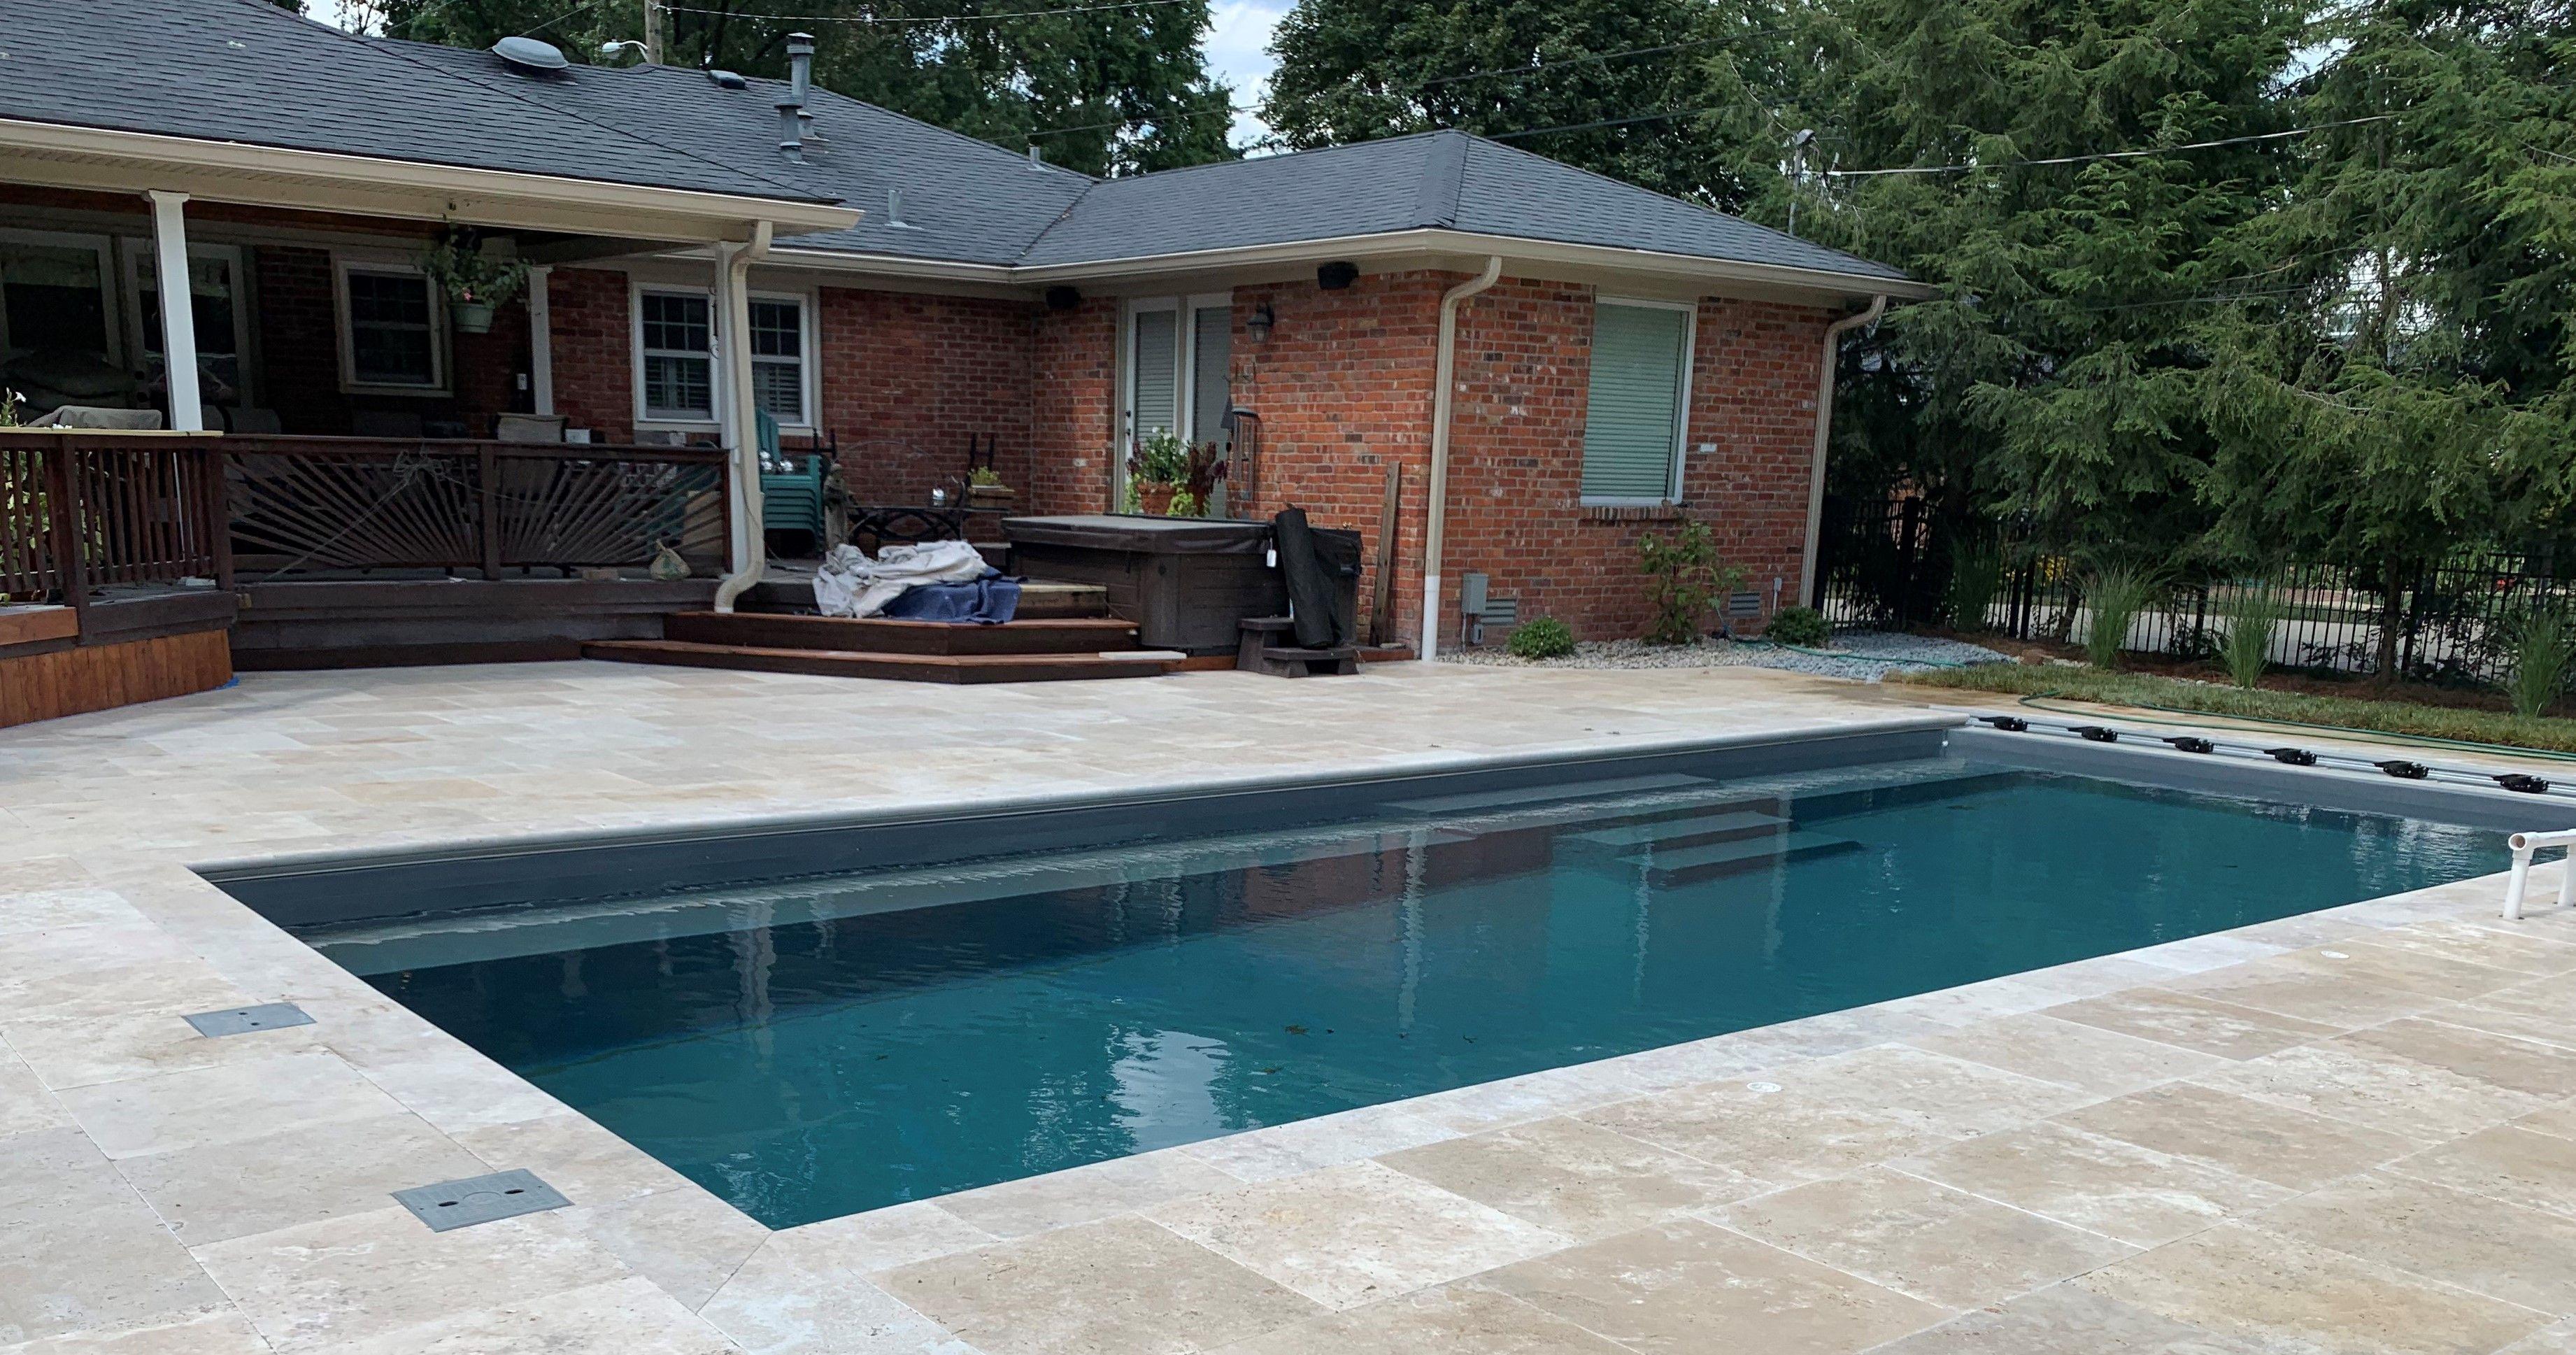 Imagine Pools The Marvelous 35 Pool Fiberglass Swimming Pools Inground Pools